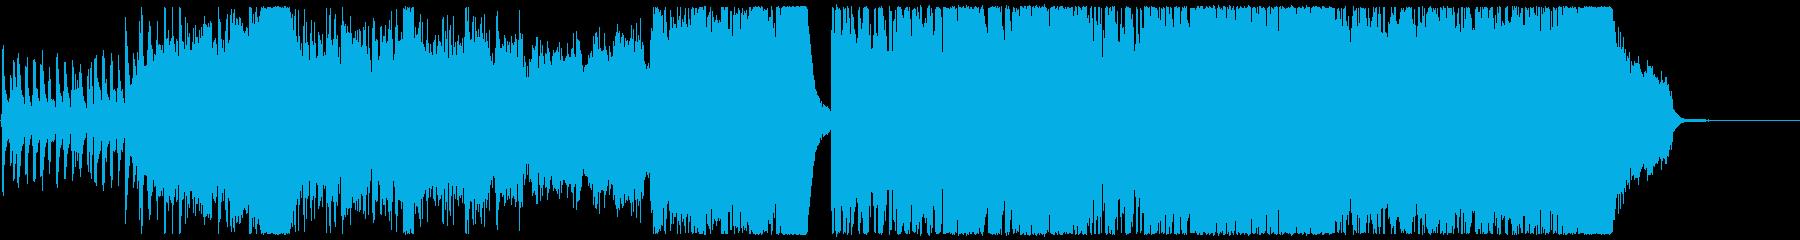 明るく壮大なポップオーケストラの再生済みの波形